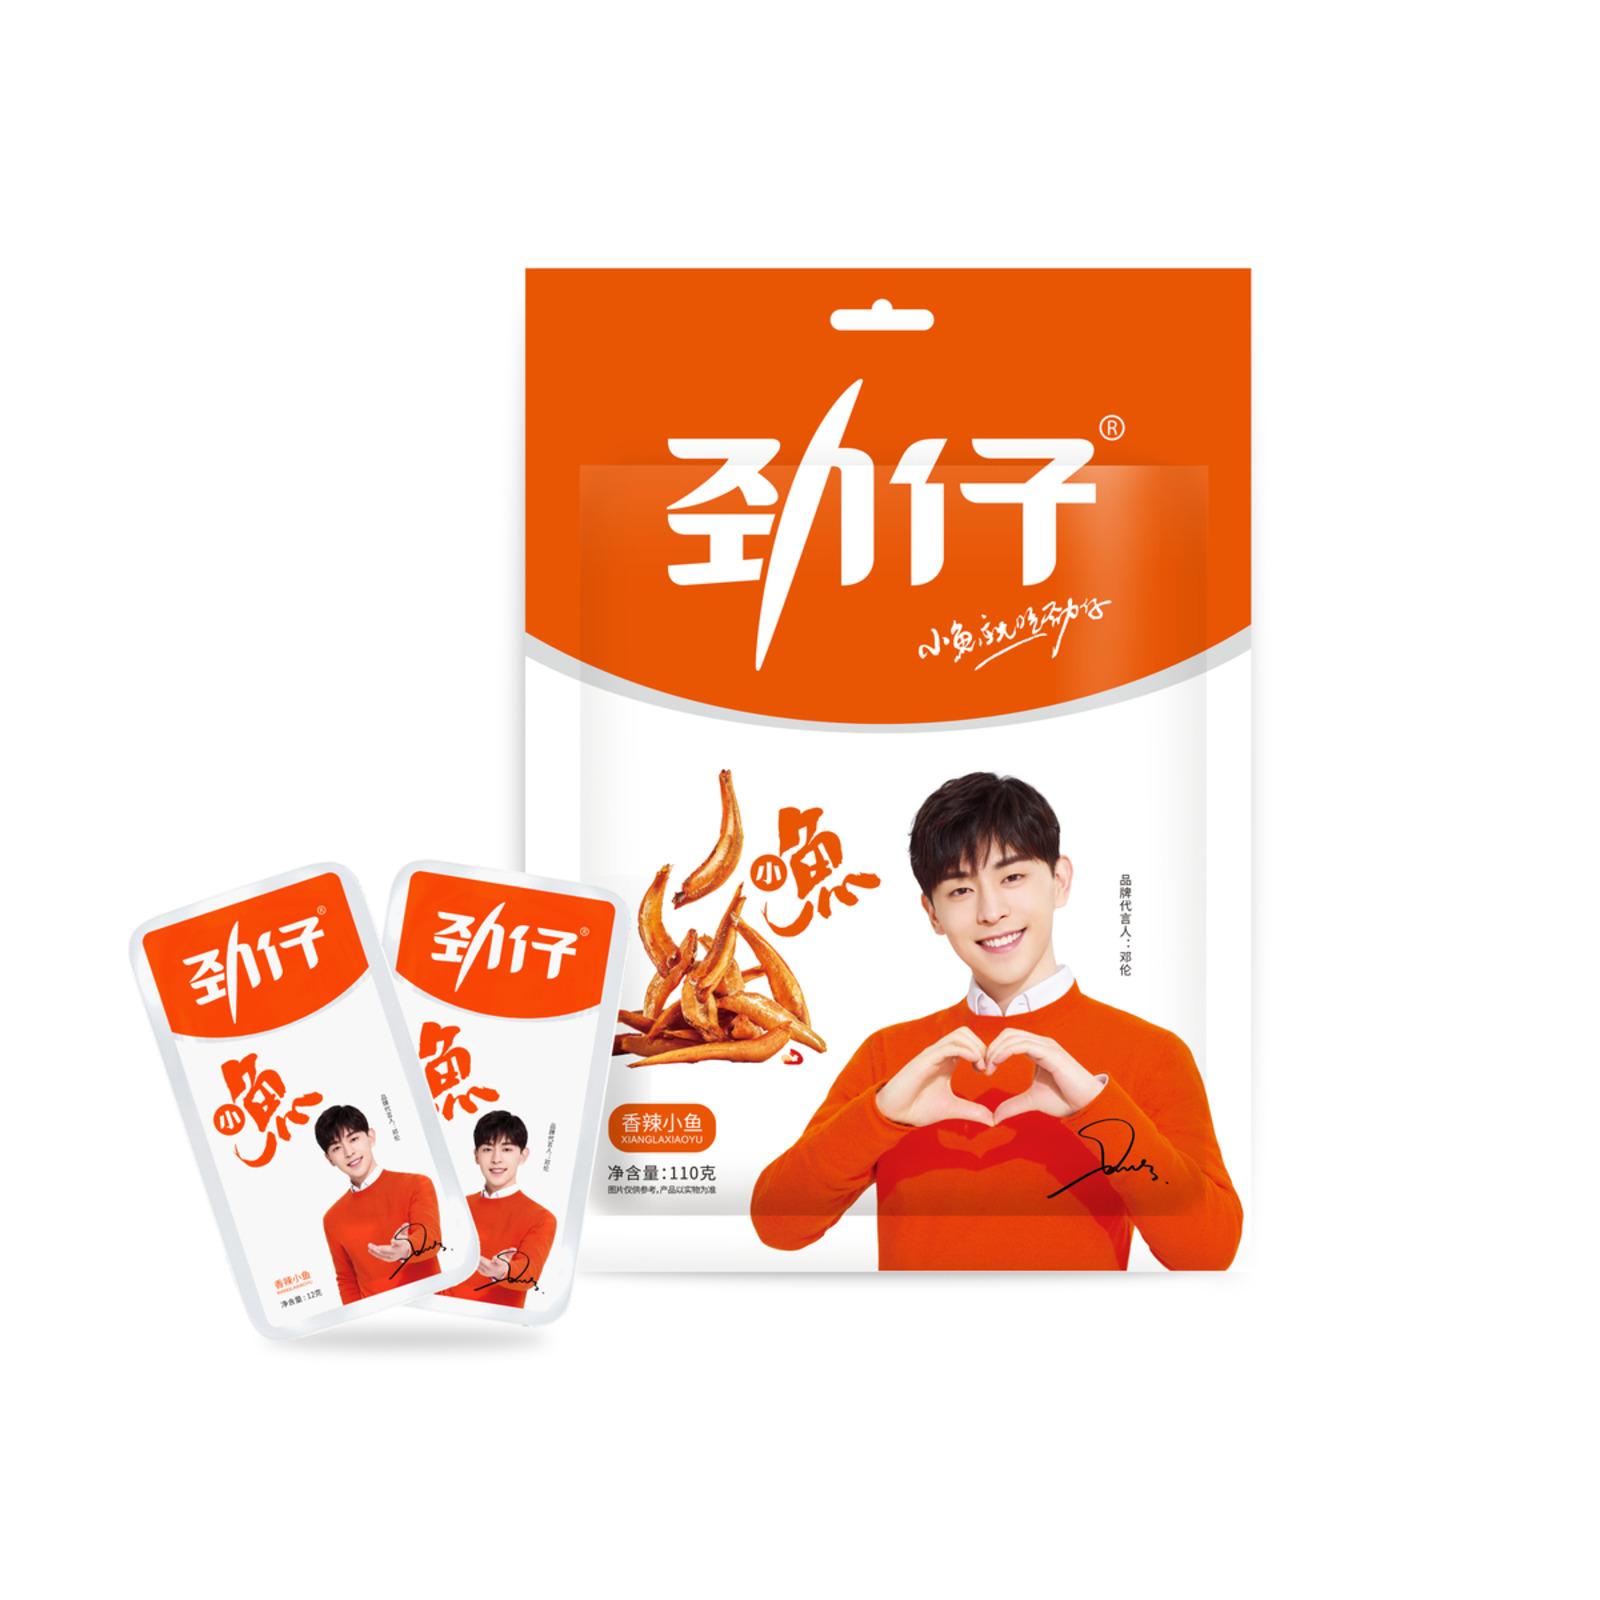 JinZai Spicy Favor Fish